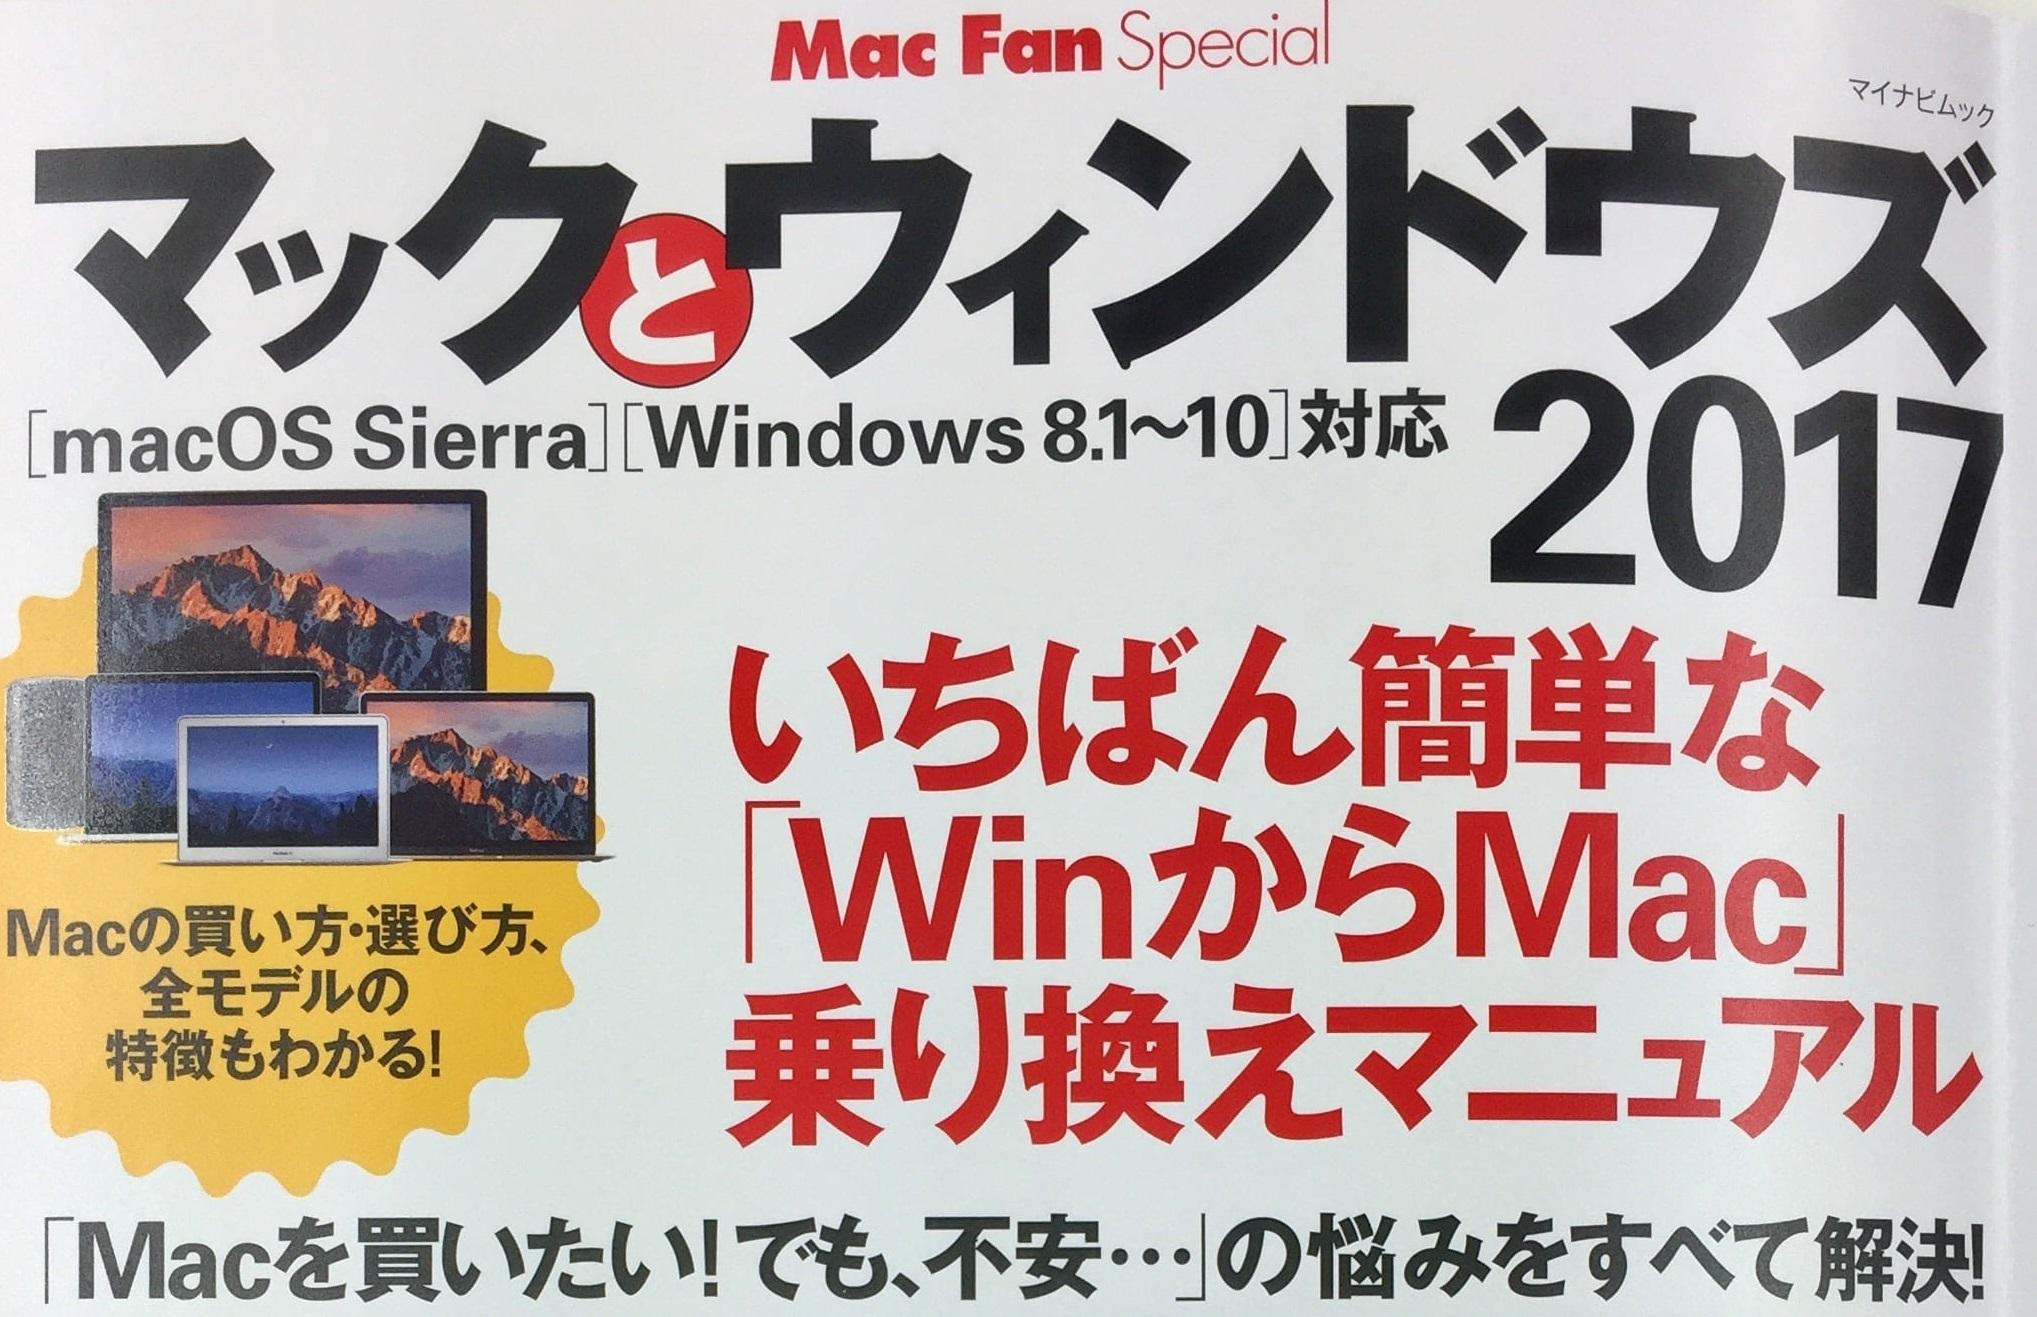 Windows から Mac に買い換えようと悩んでいる方必読!『マックとウィンドウズ 2017』が発売!